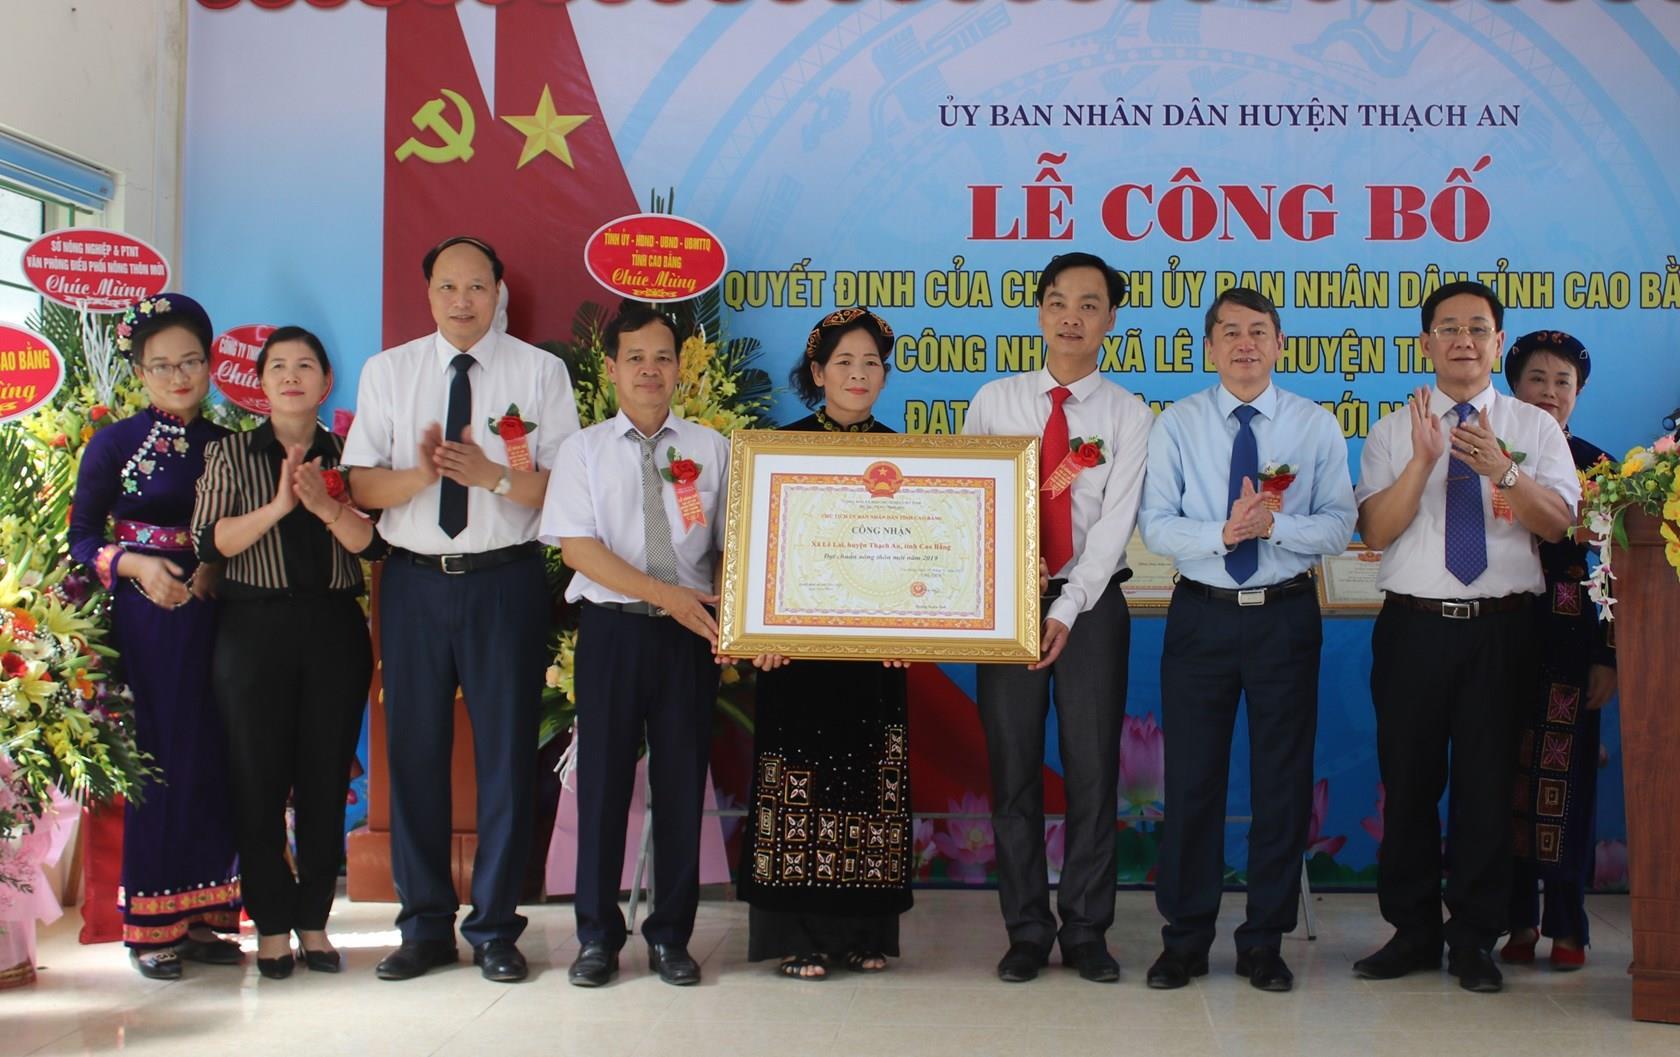 Thạch An: Công bố Quyết định công nhận xã Lê Lai đạt chuẩn nông thôn mới 